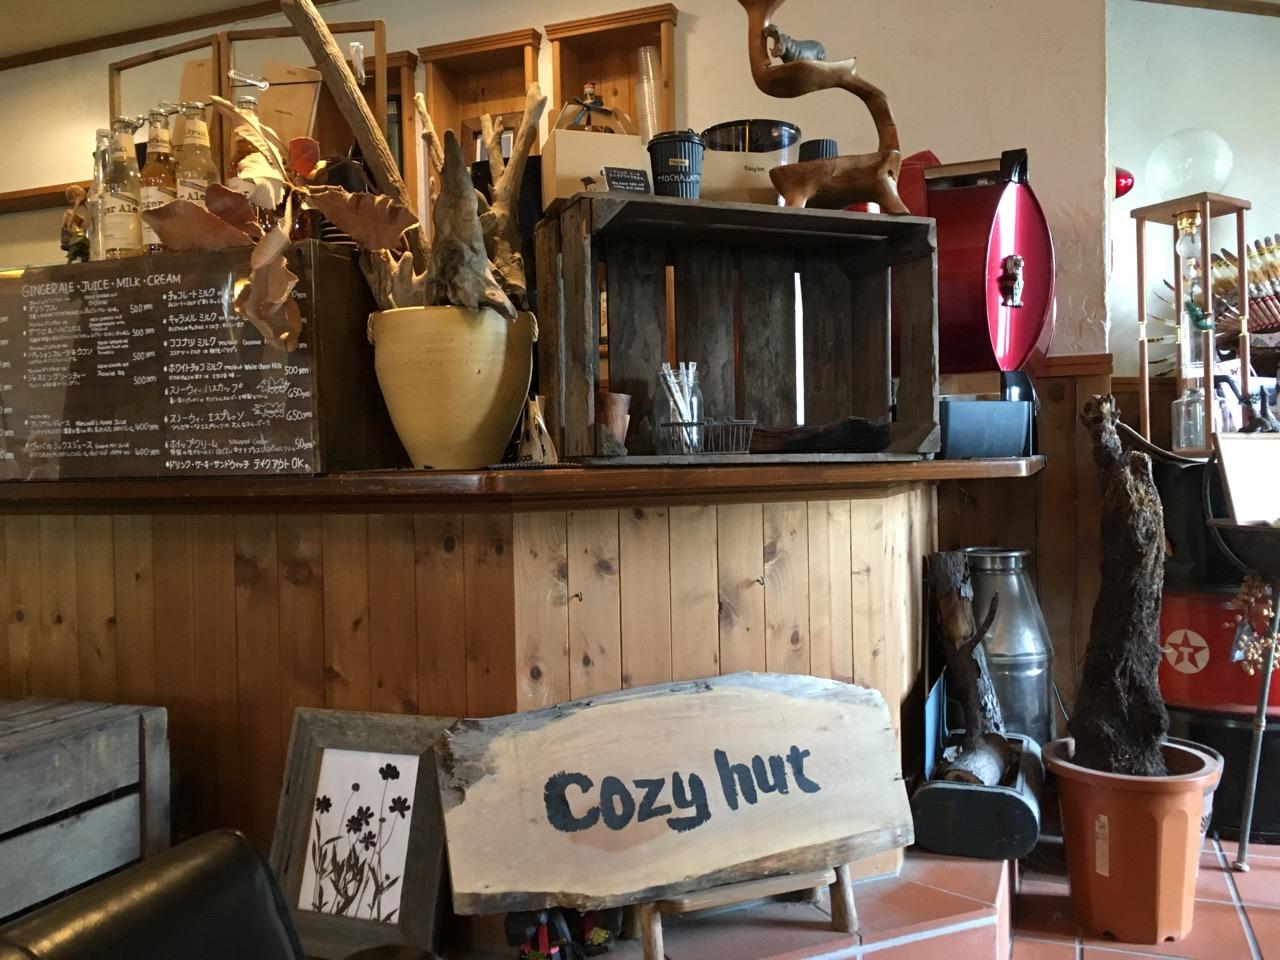 コージーハット (Cozy hut)